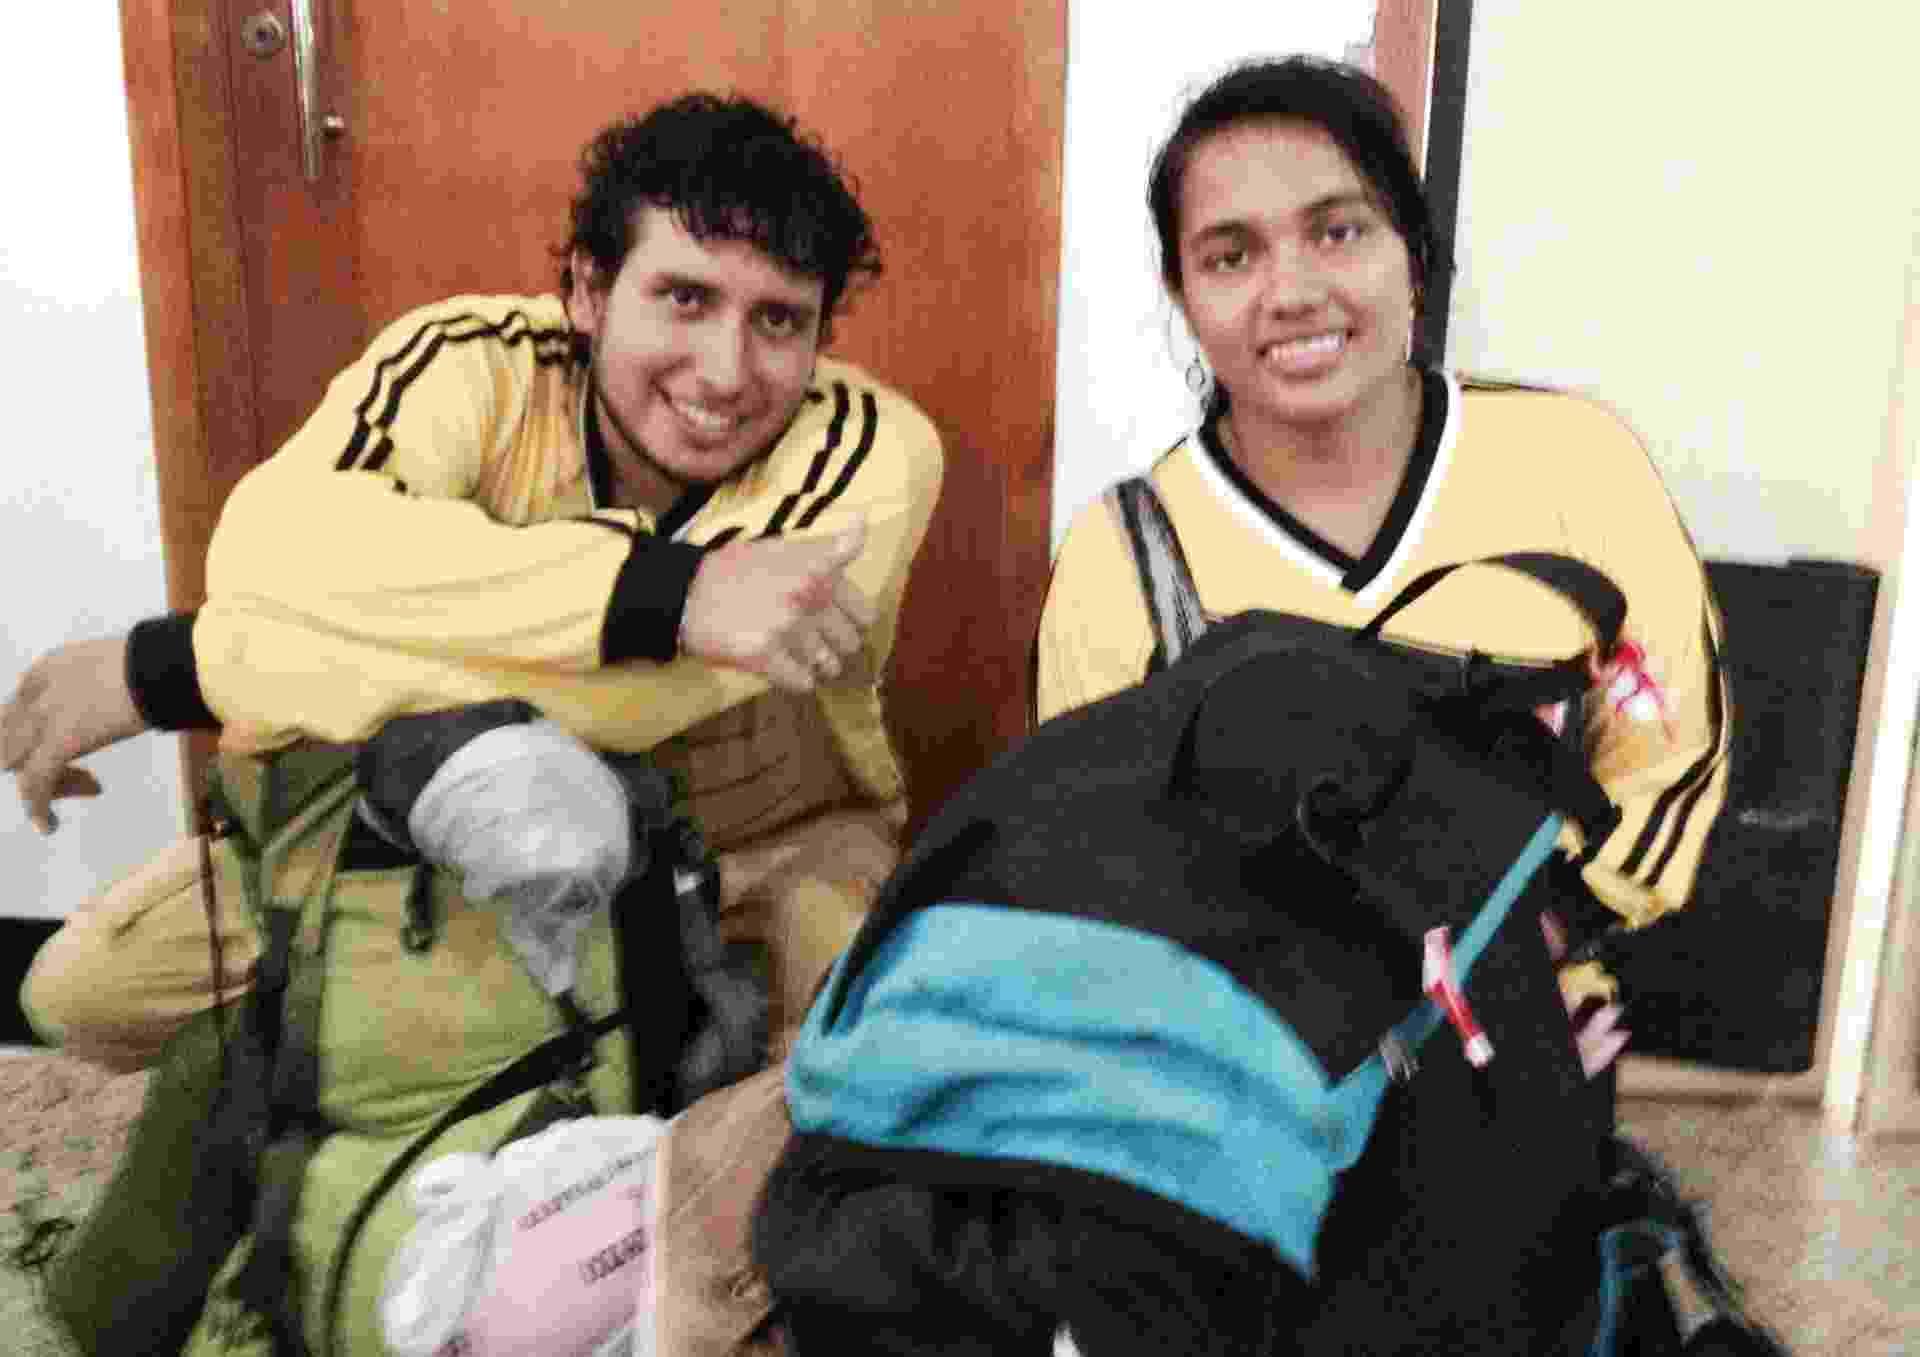 Os namorados colombianos John Moreno e Juli Gomes contam que a rodoviária do Rio de Janeiro fica lotada quando chove - Jefferson Puff/BBC